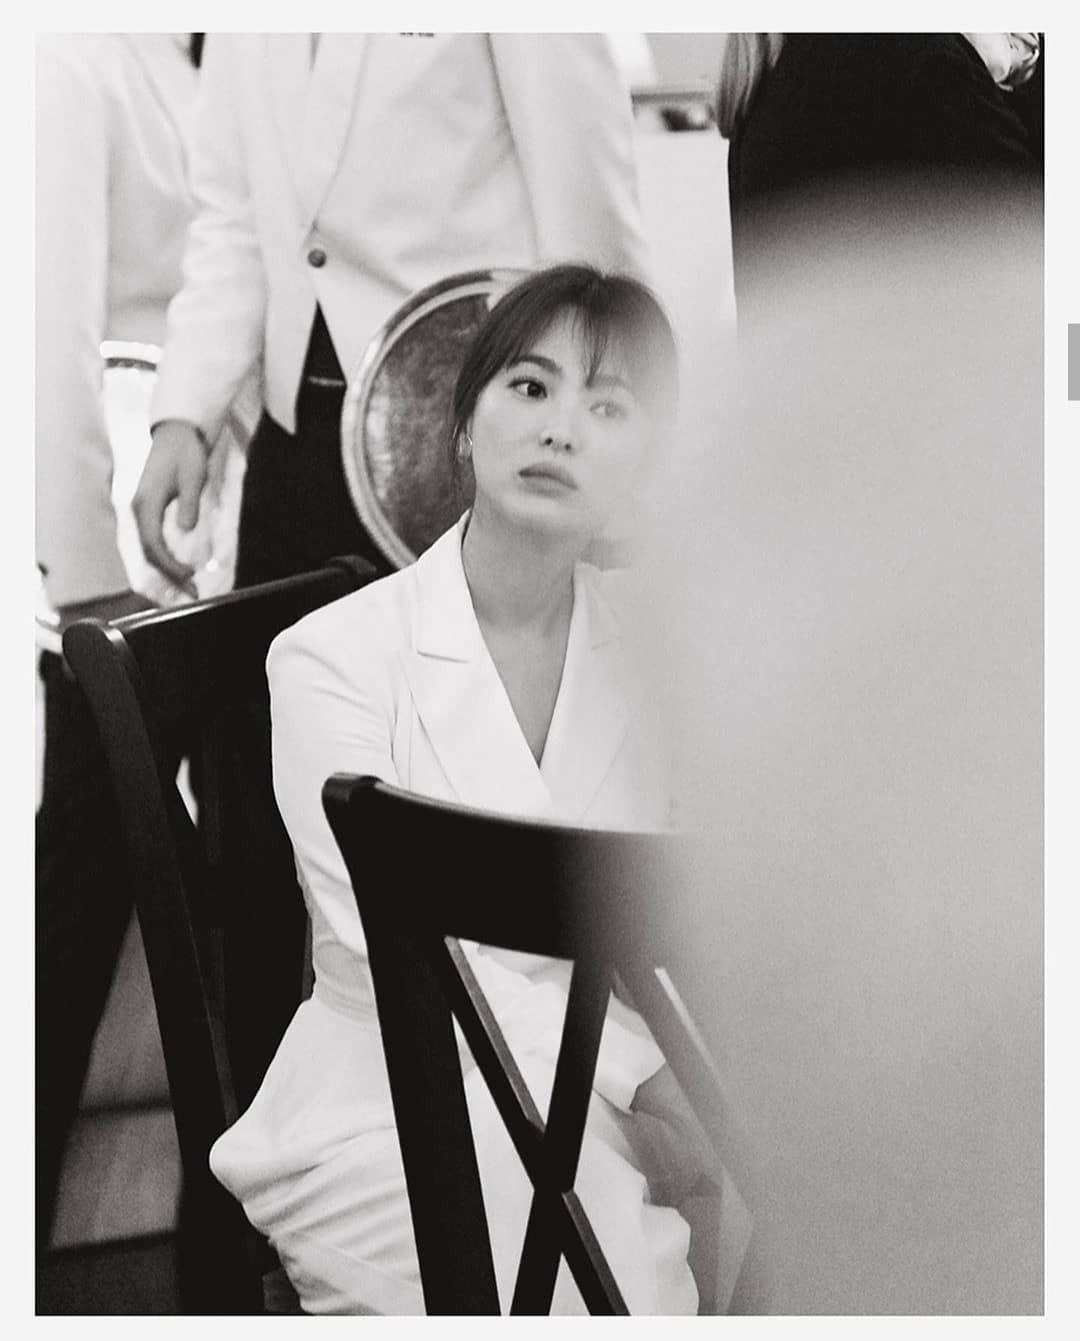 Đẳng cấp là mãi mãi: Trọn bộ ảnh Song Hye Kyo tái xuất đẹp đỉnh cao với thần thái chị đại